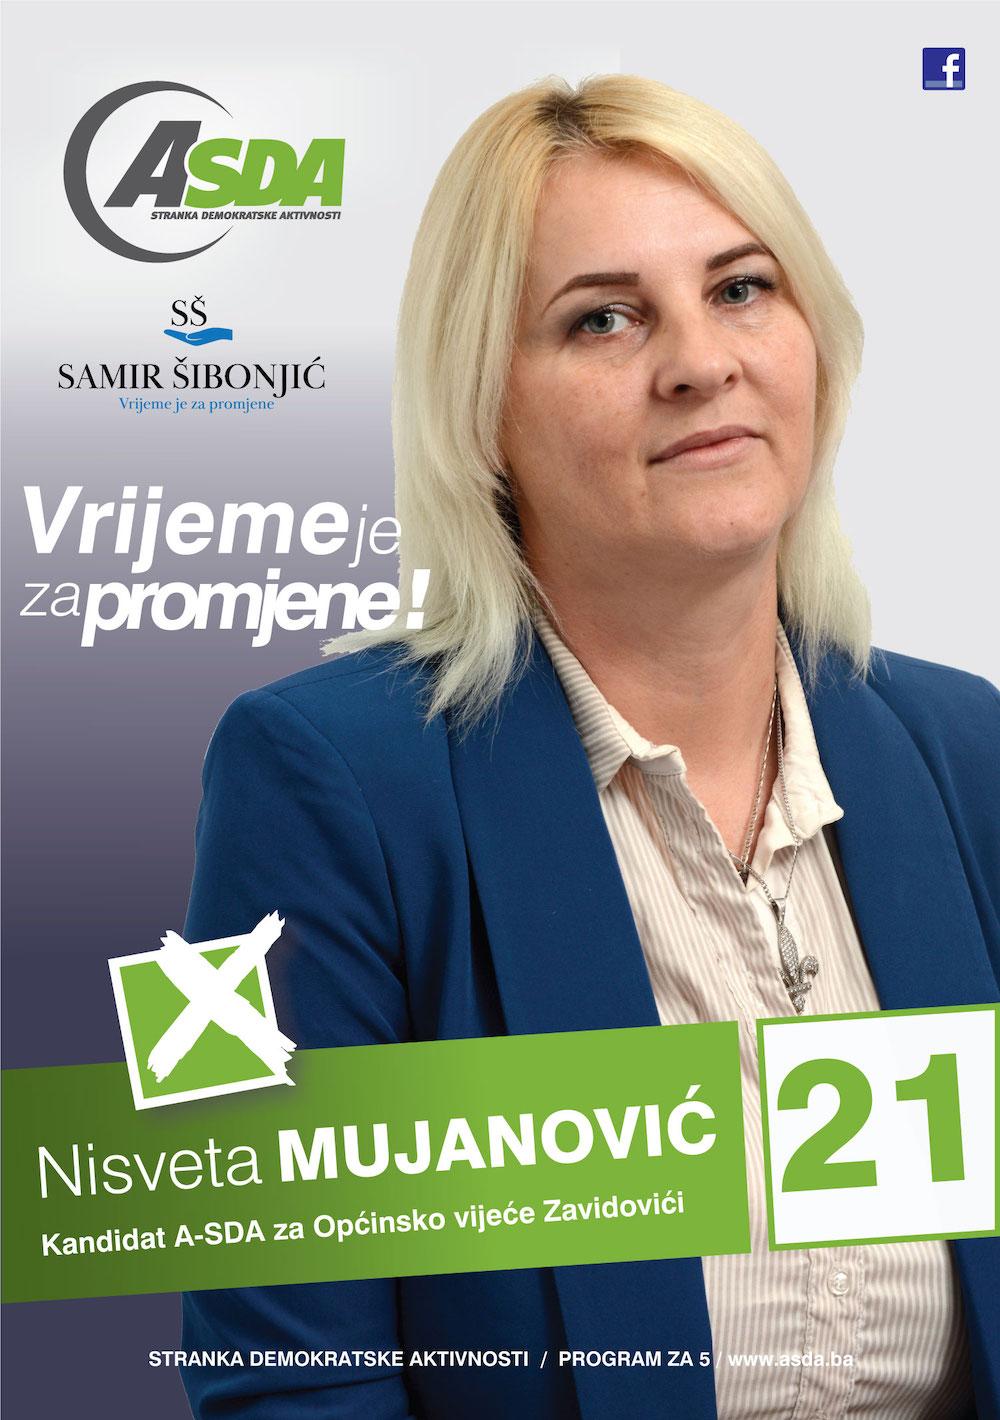 Nisveta Mujanović